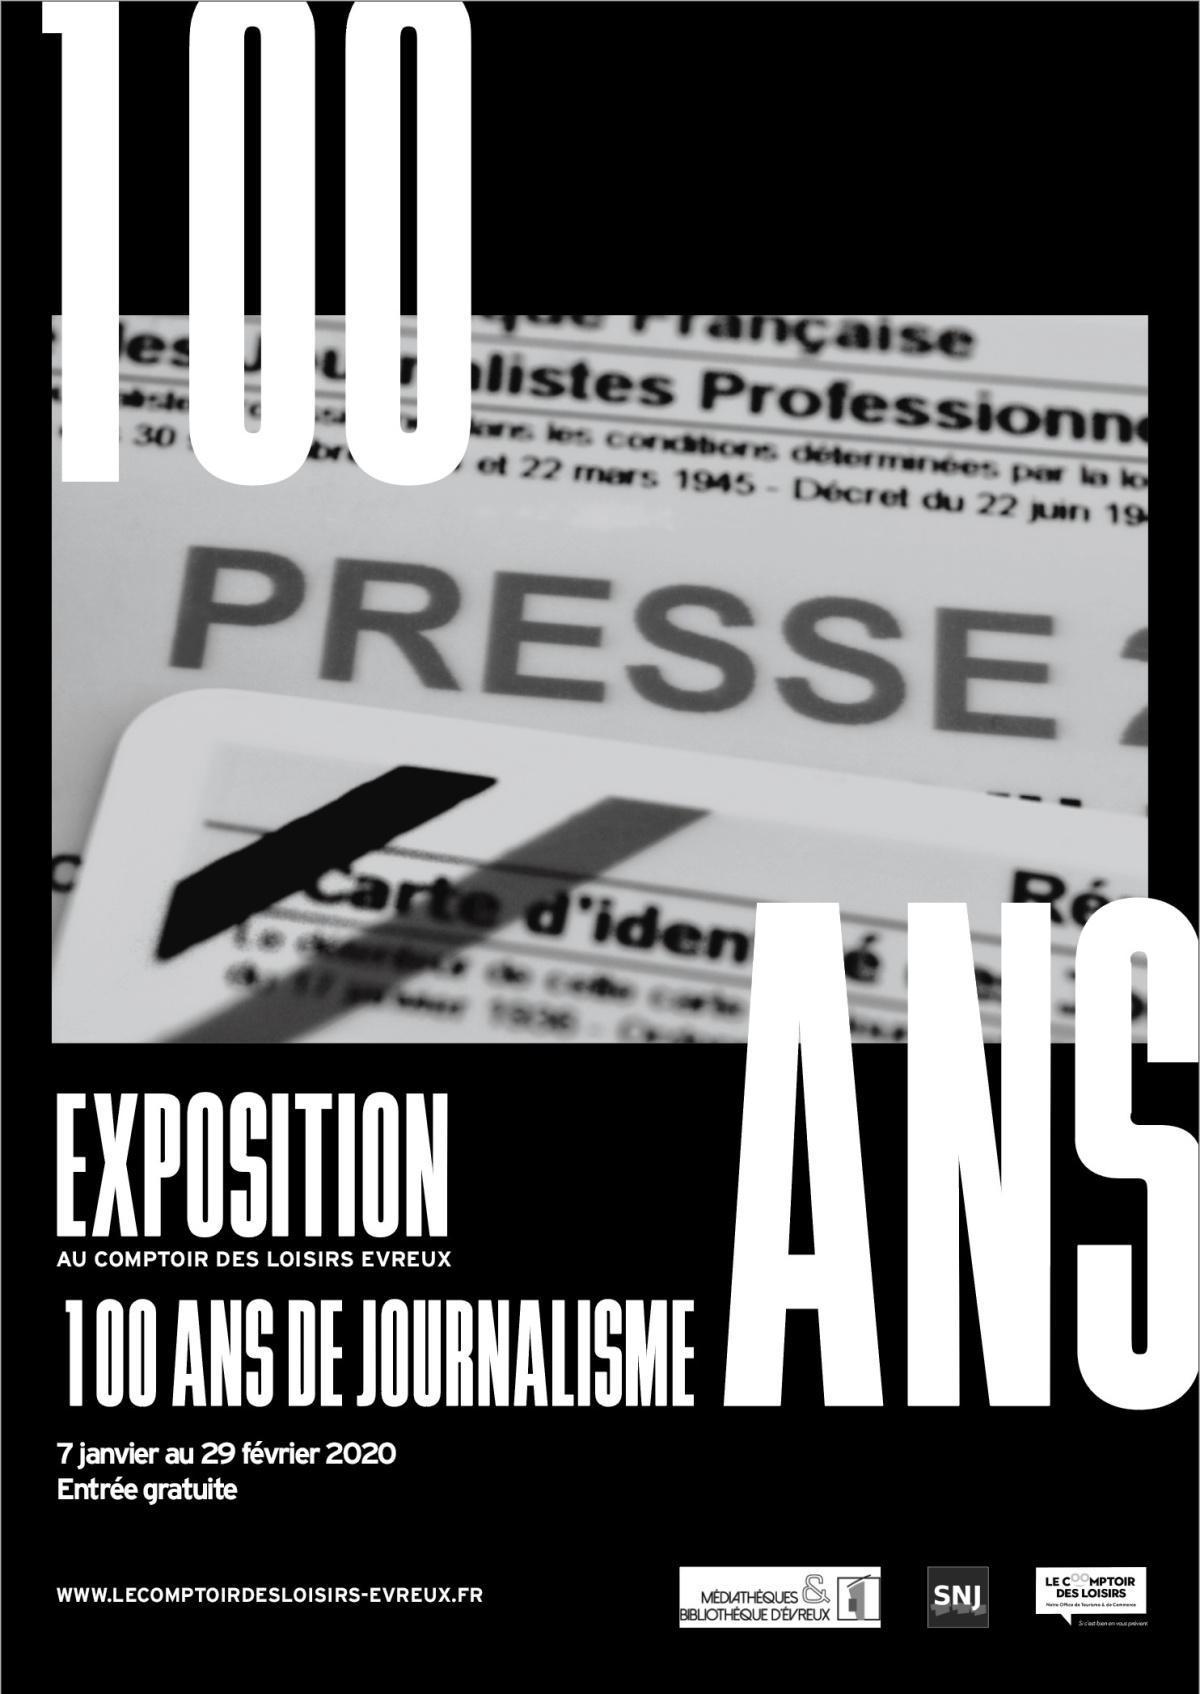 EXPOSITION 100 ANS DE JOURNALISME